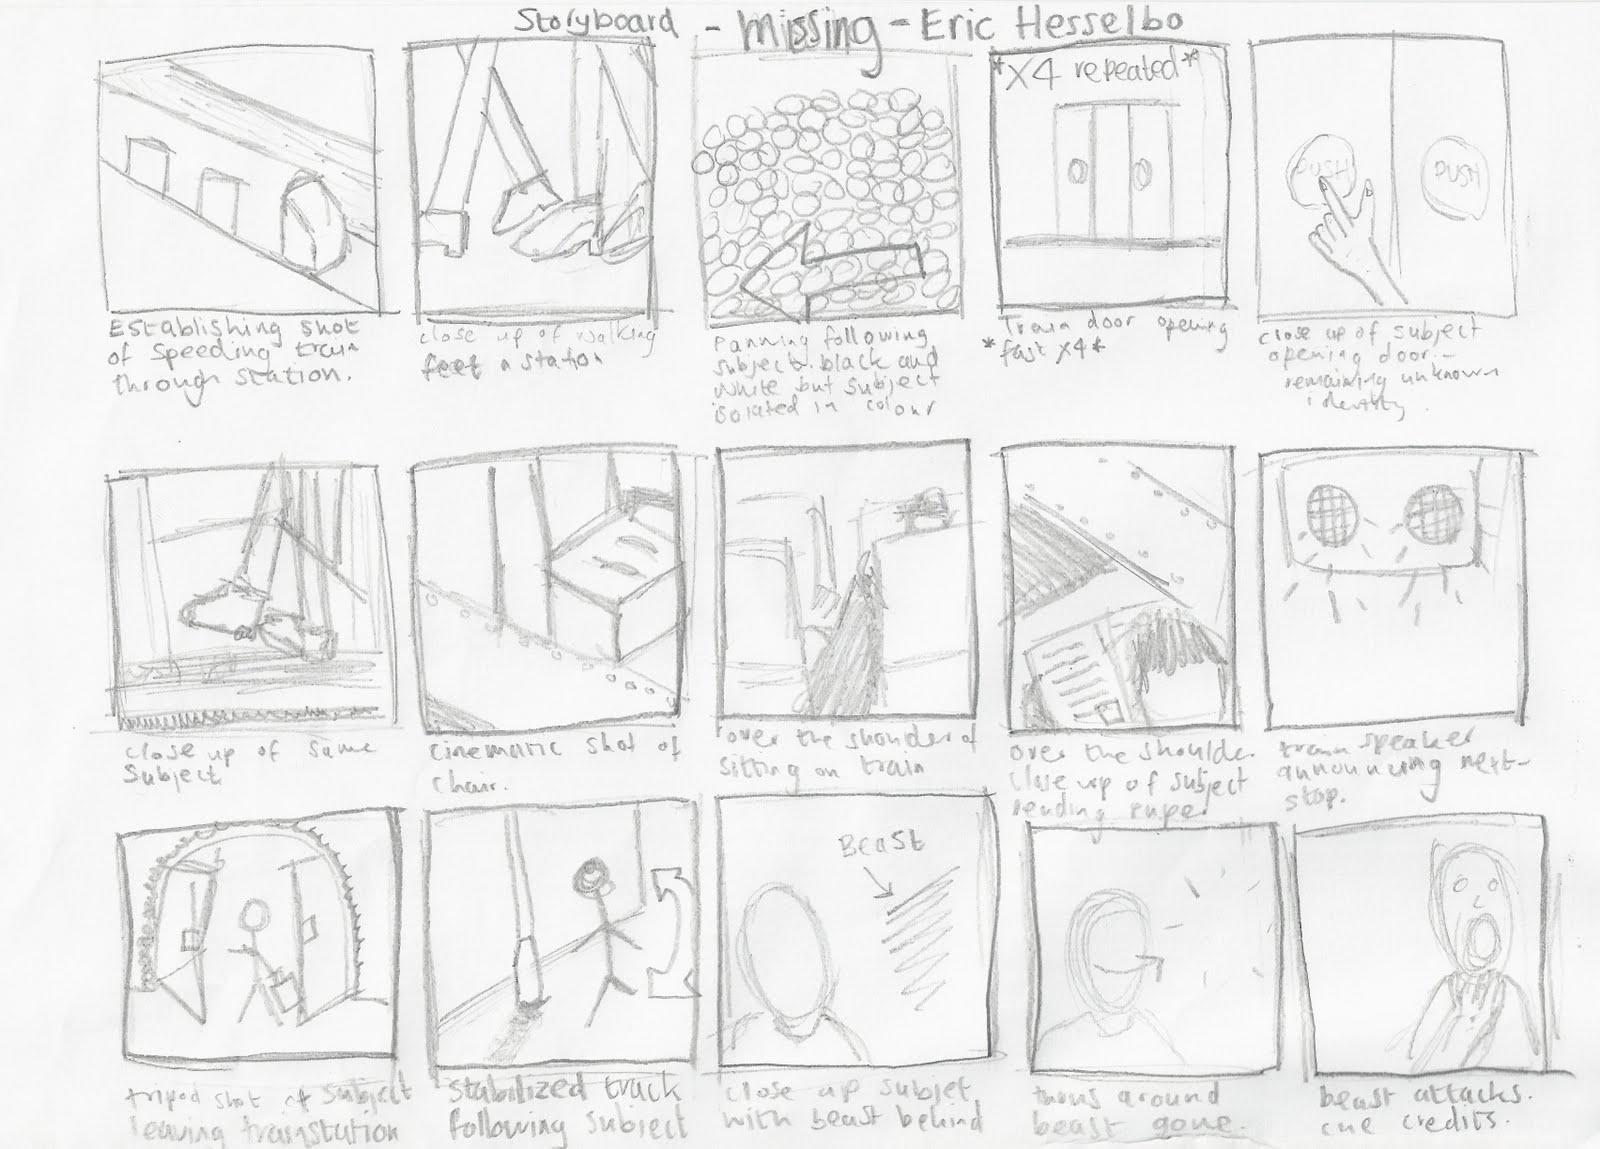 Charlie Guy Cherwell Media Studies: Detailed Storyboard